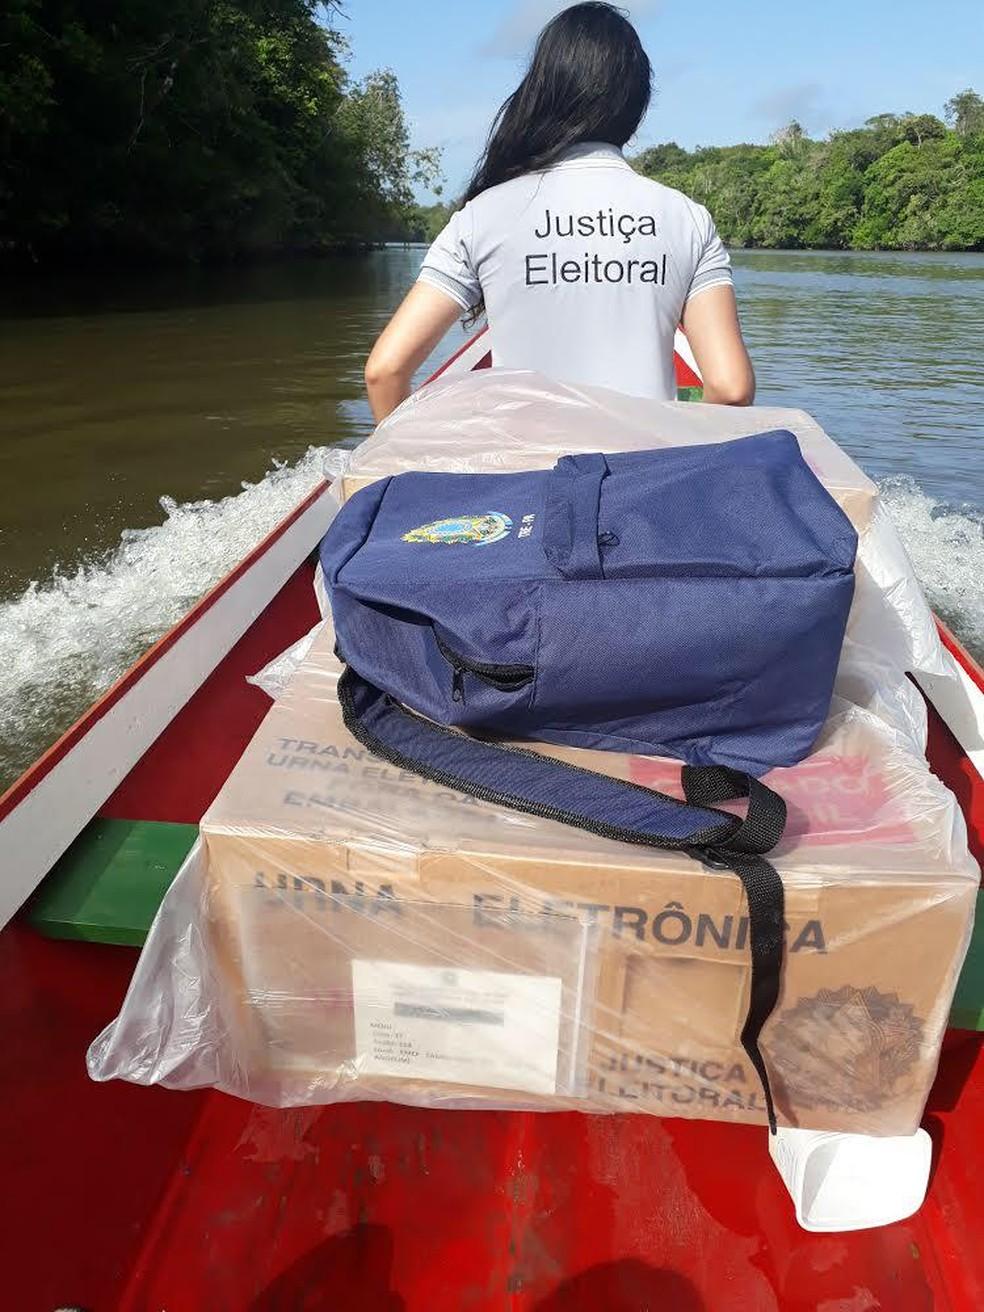 Urna eletrônica e servidores da Justiça Eleitoral seguem em transporte fluvial para local remoto — Foto: Arquivo pessoal / Secretaria de Tecnologia da Informação do Tribunal Regional Eleitoral do Pará